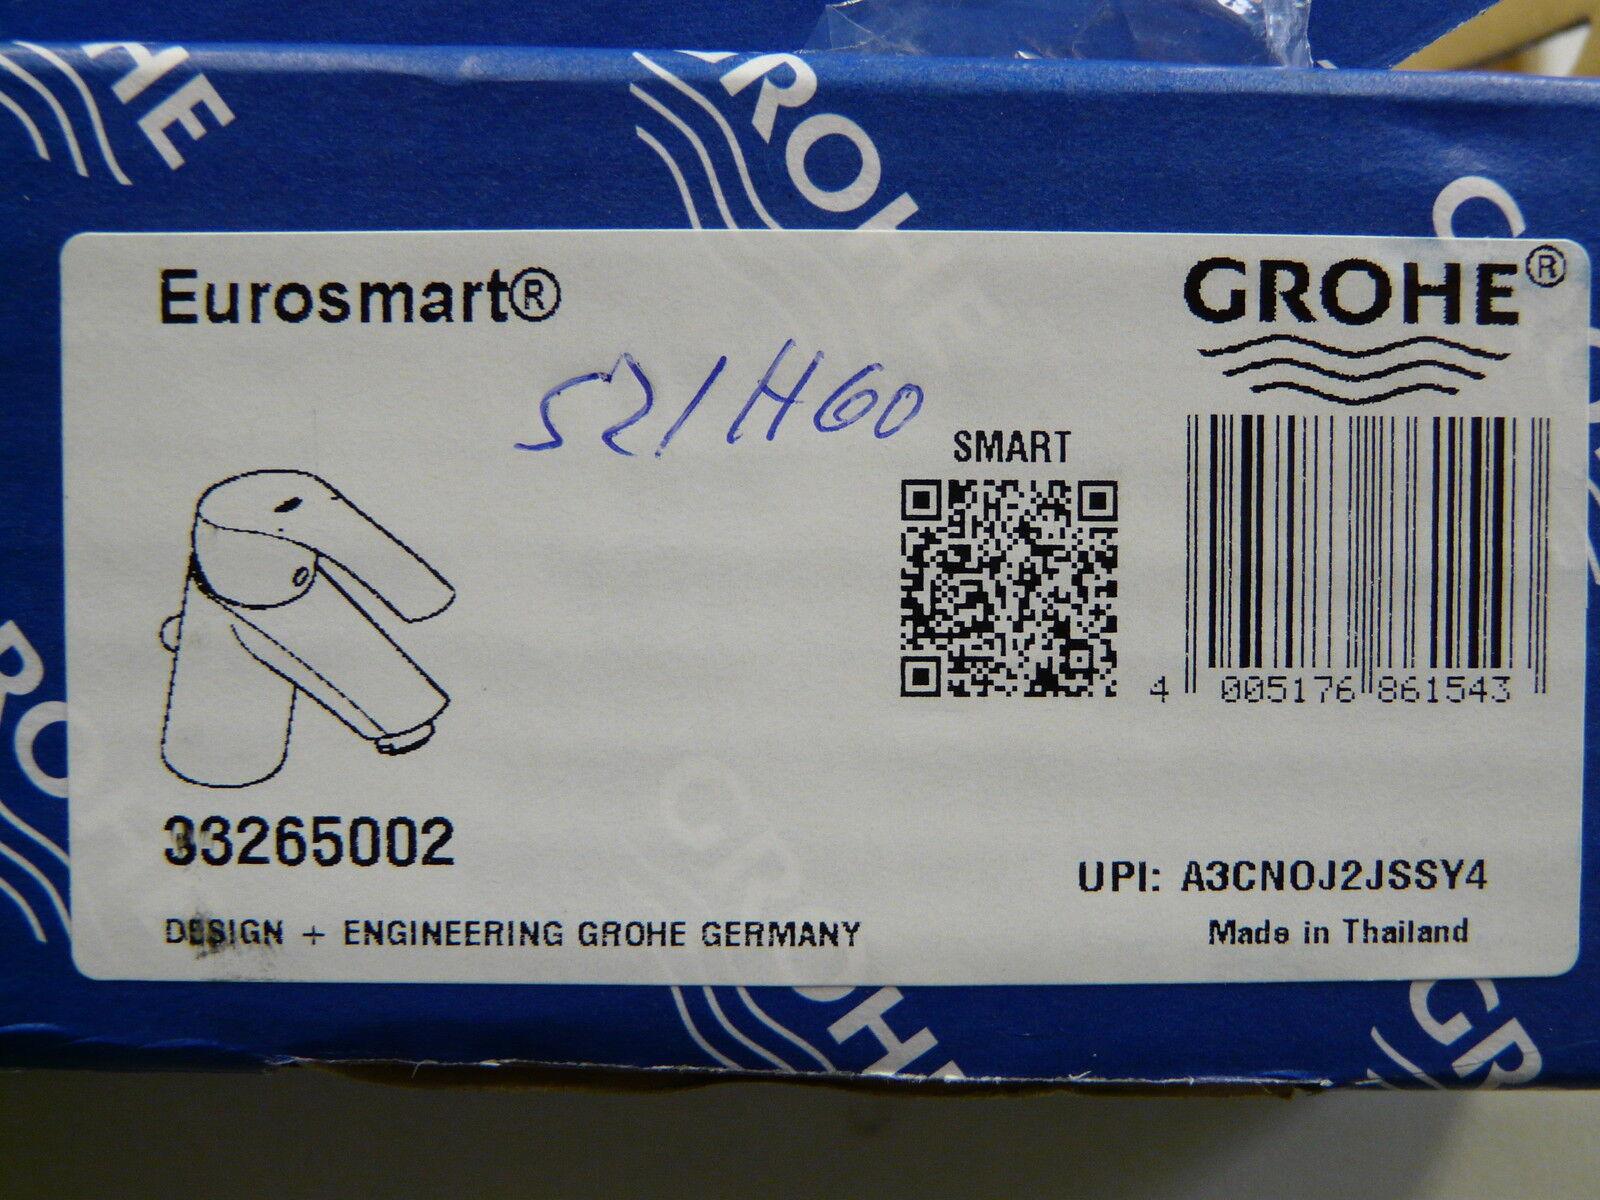 Grohe Eurosmart Waschtischarmatur Weiss/Edelmessing, Einhebelmischer,Wasserhahn Einhebelmischer,Wasserhahn Einhebelmischer,Wasserhahn a9ed41